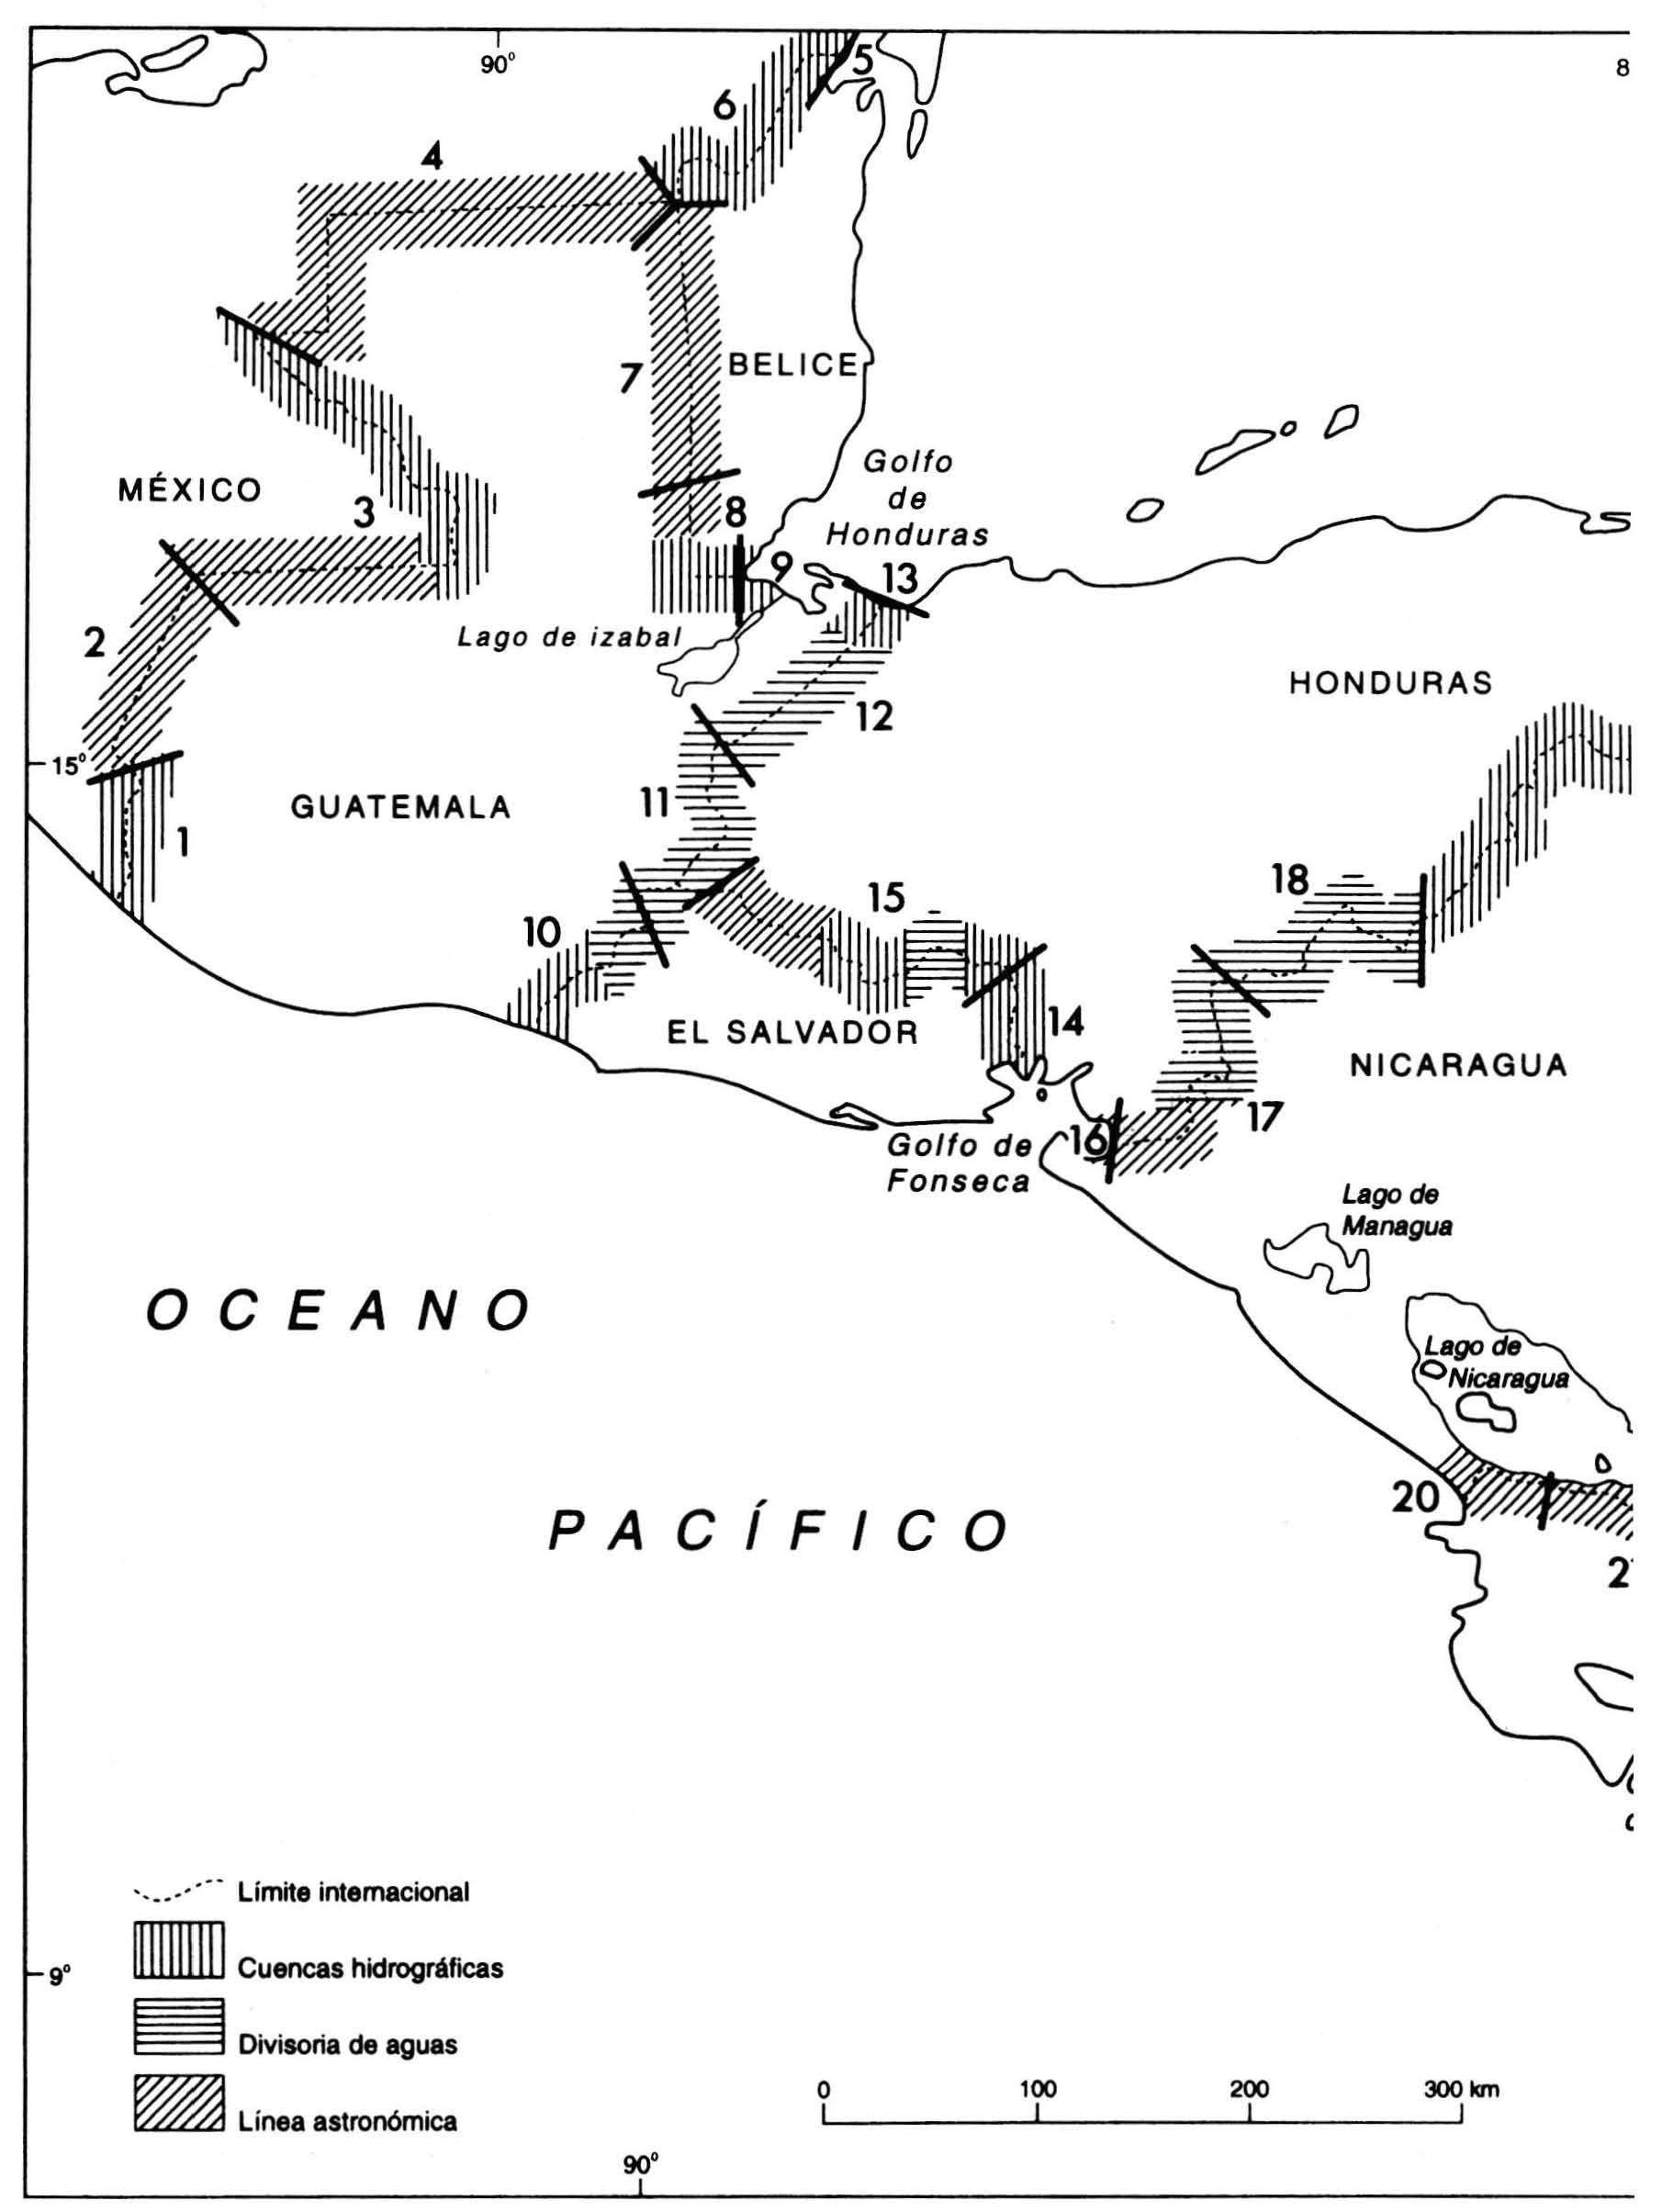 Las Fronteras Del Istmo La Cooperacion Transfronteriza Y Los Nuevos Paradigmas De La Integracion Centroamericana Centro De Estudios Mexicanos Y Centroamericanos